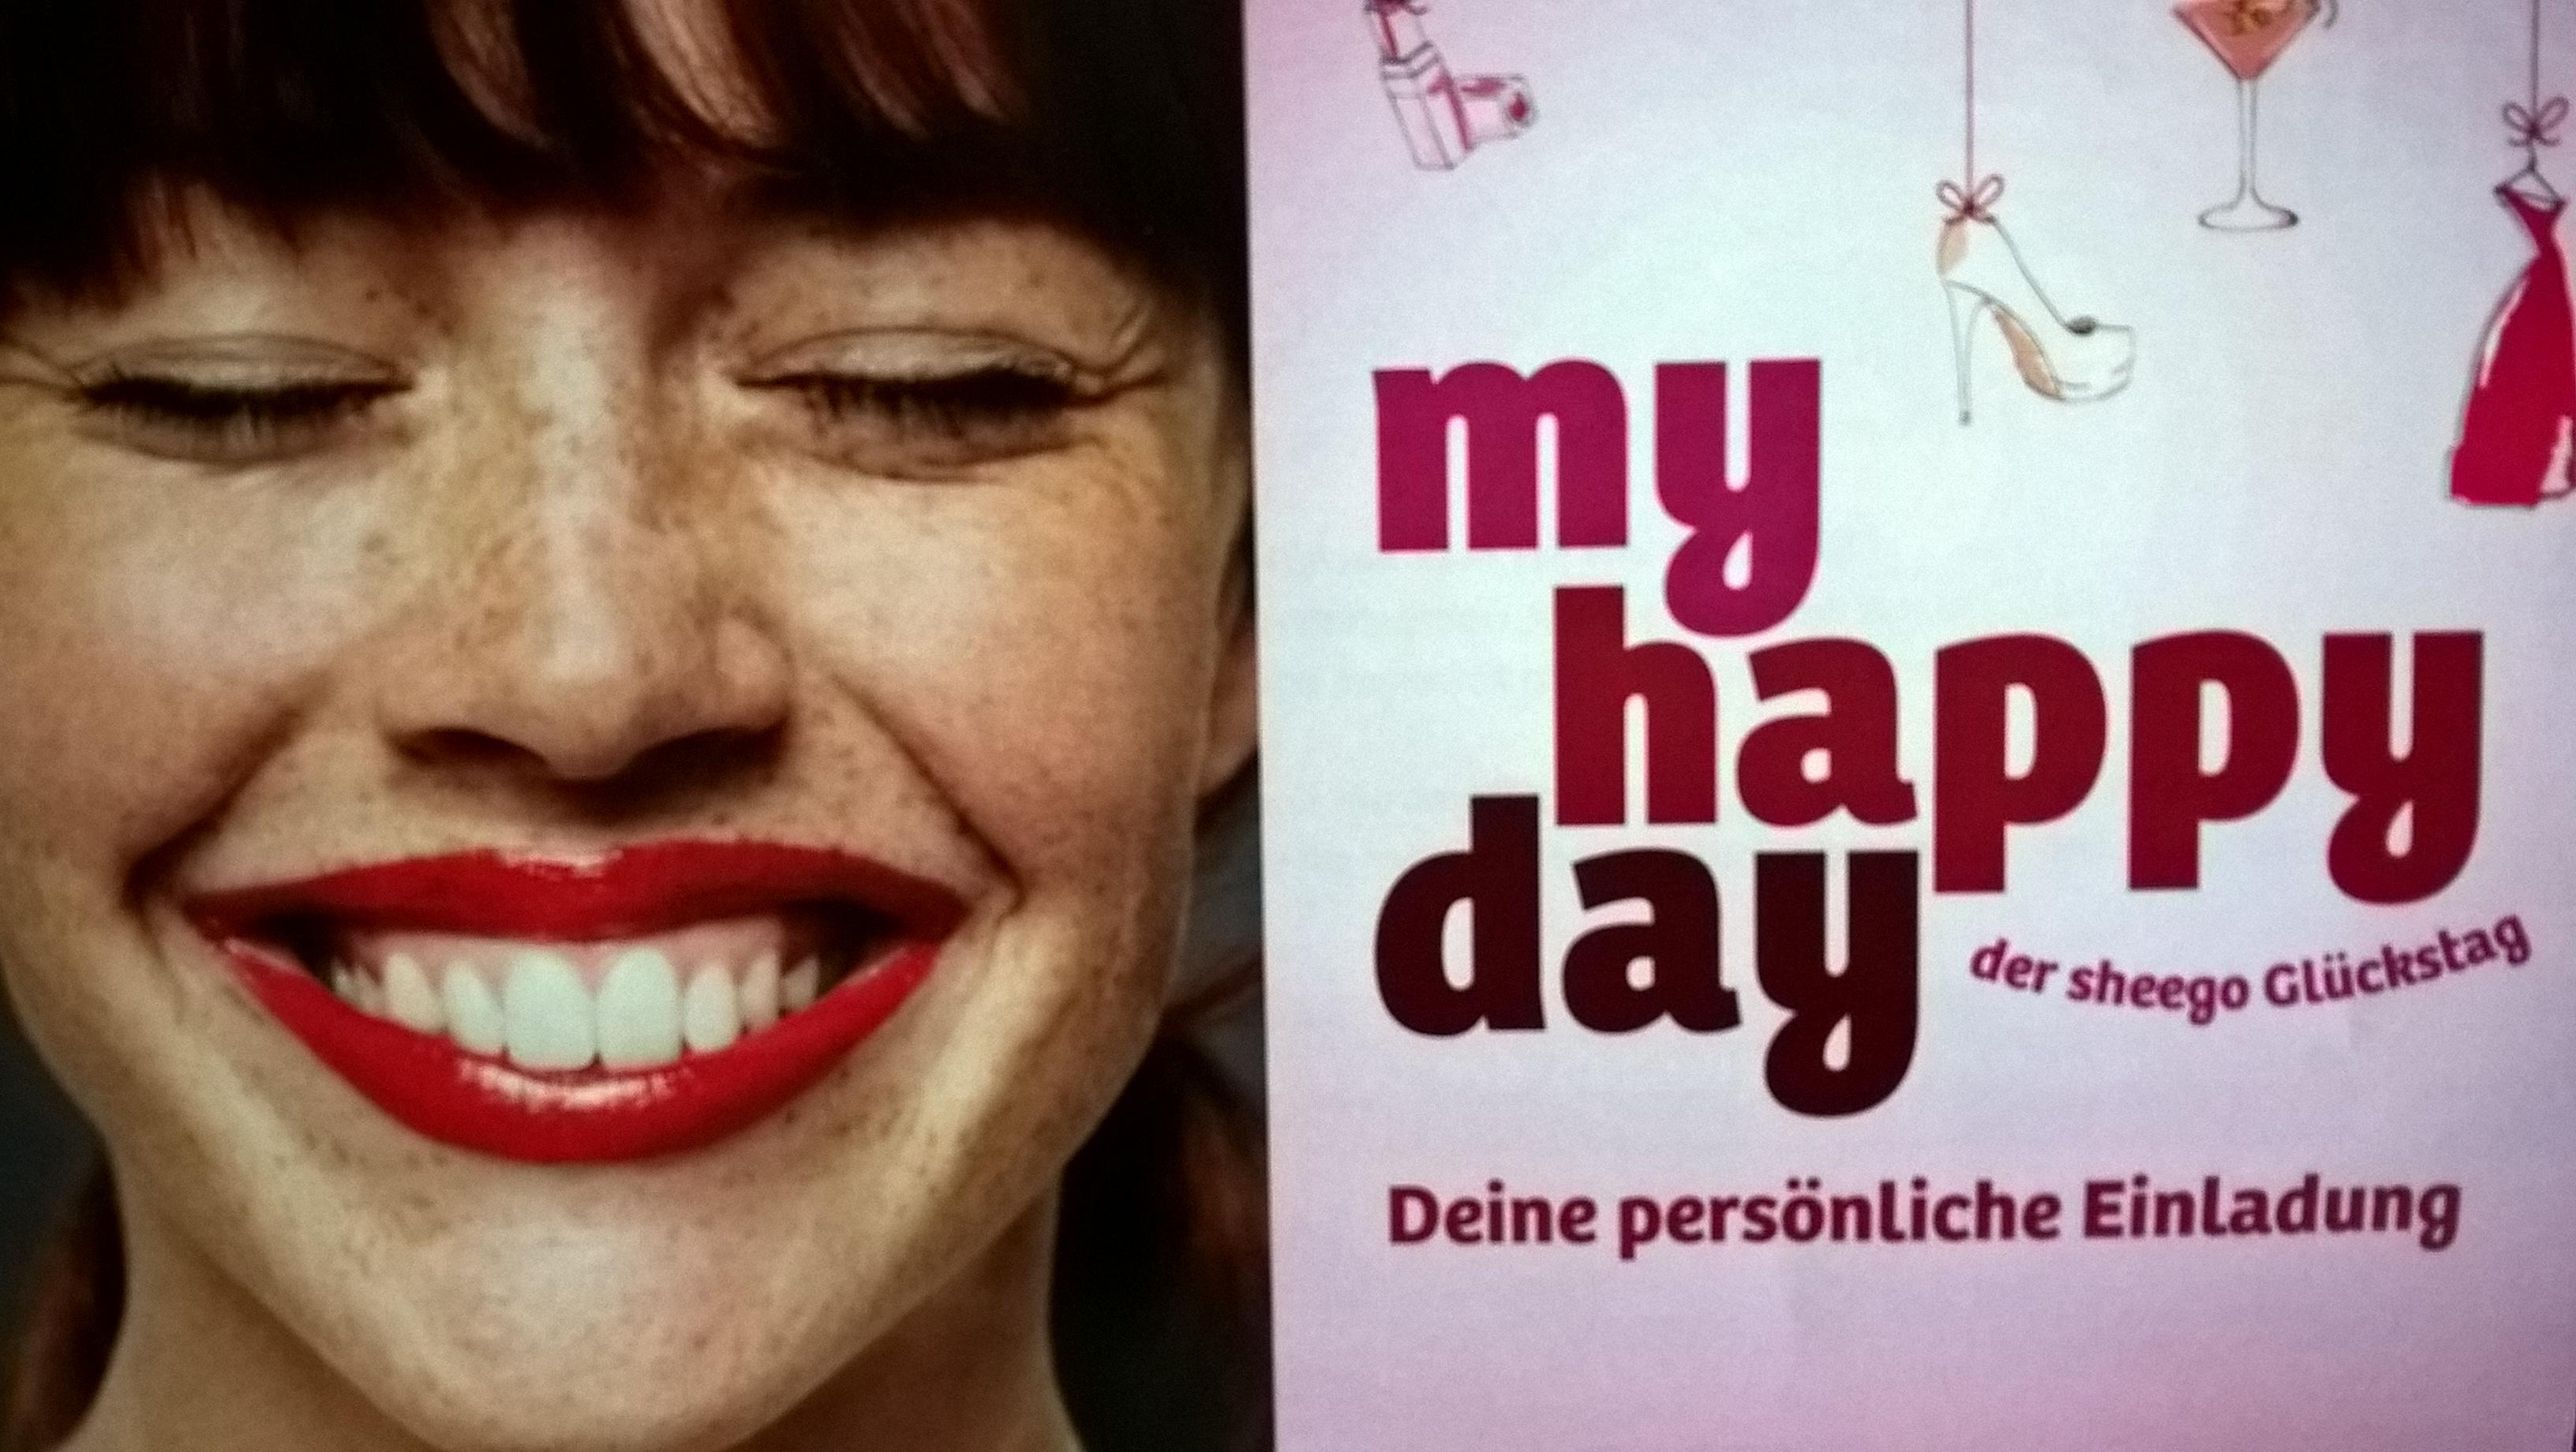 #myhappyday – Ein rundum toller Tag dank Sheego